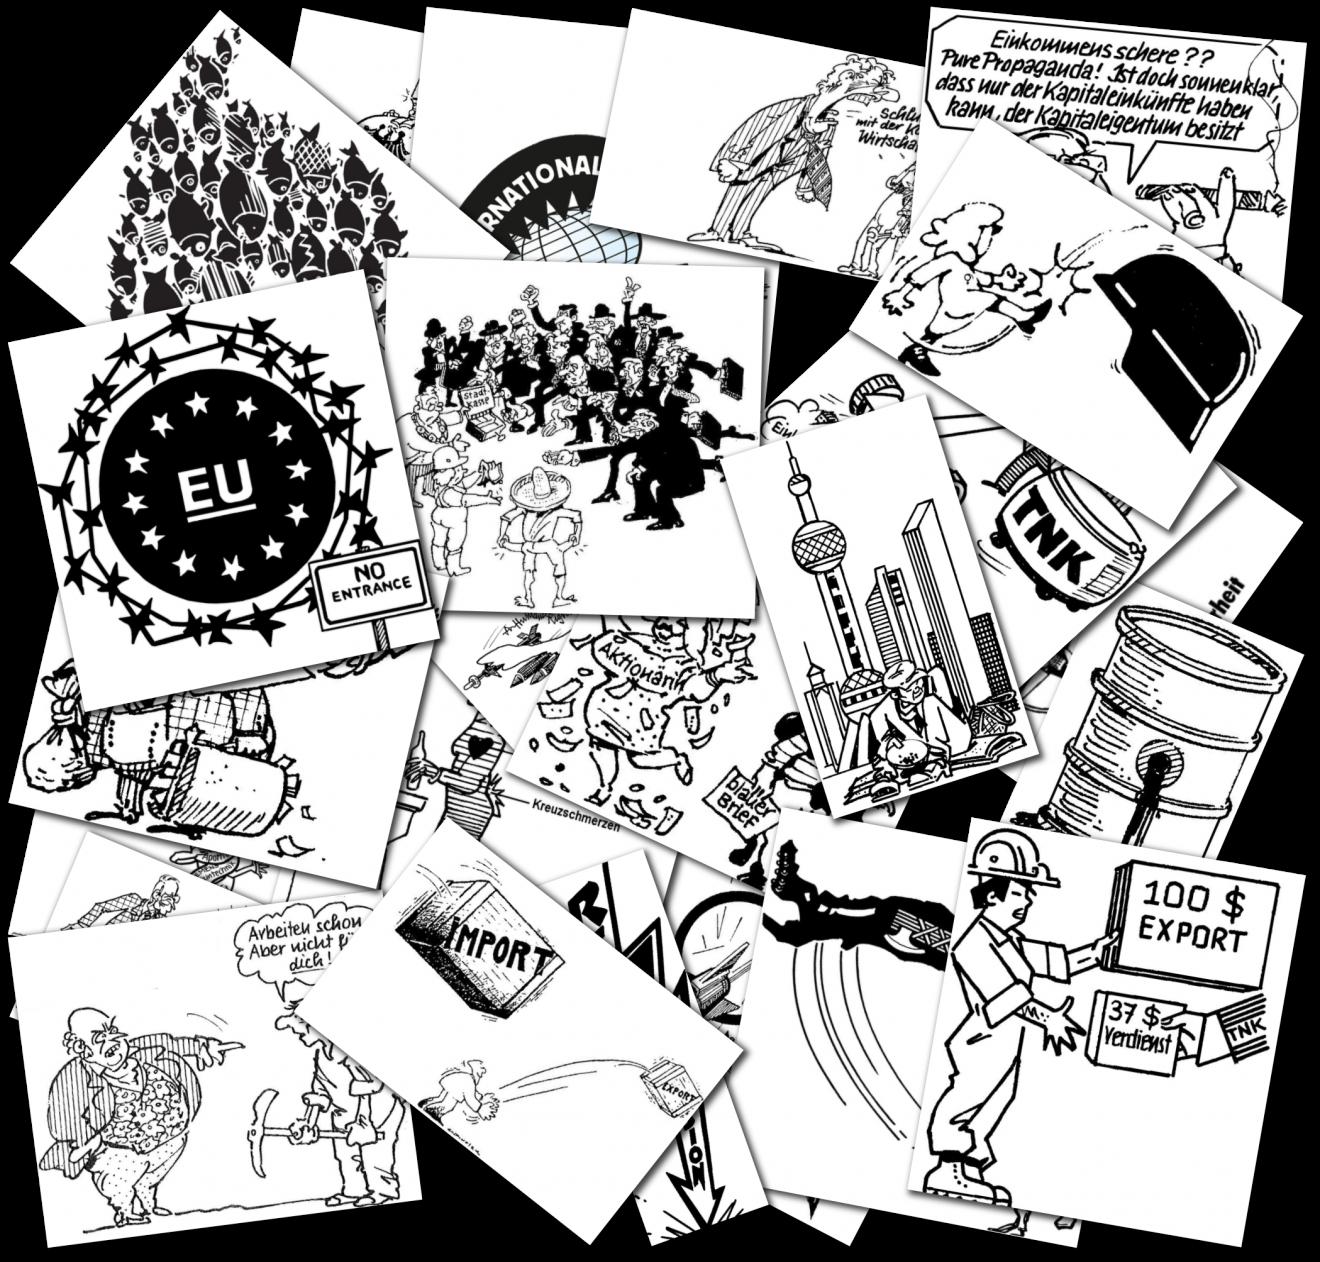 30 Jahre isw: Bei Karikaturen geht es um ein ideelles Dafürstehen